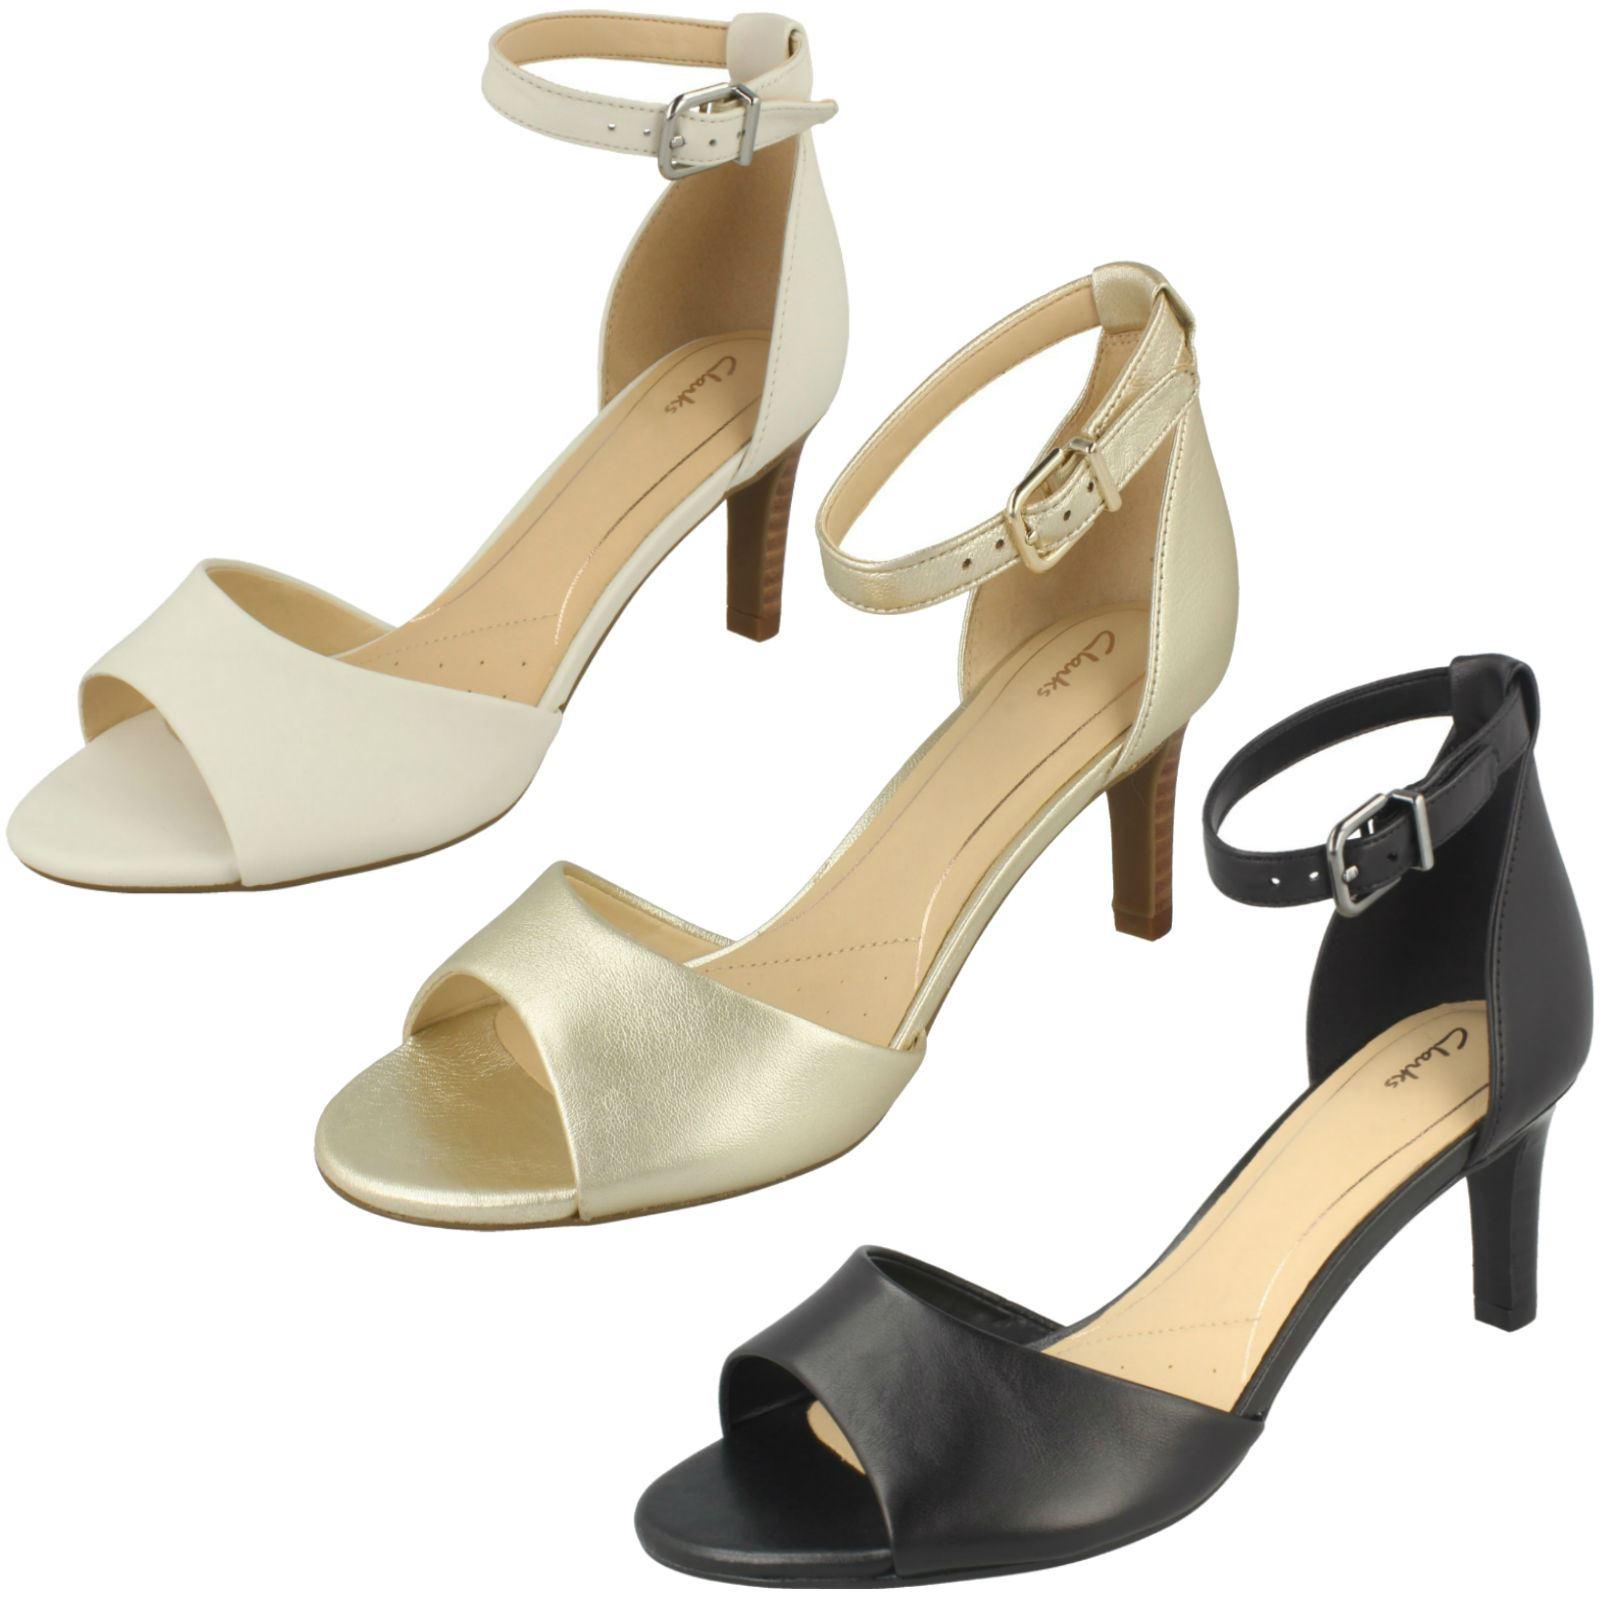 8b2fbf74a7cb22 Details about Ladies Clarks Elegant Heeled Sandals - Laureti Grace